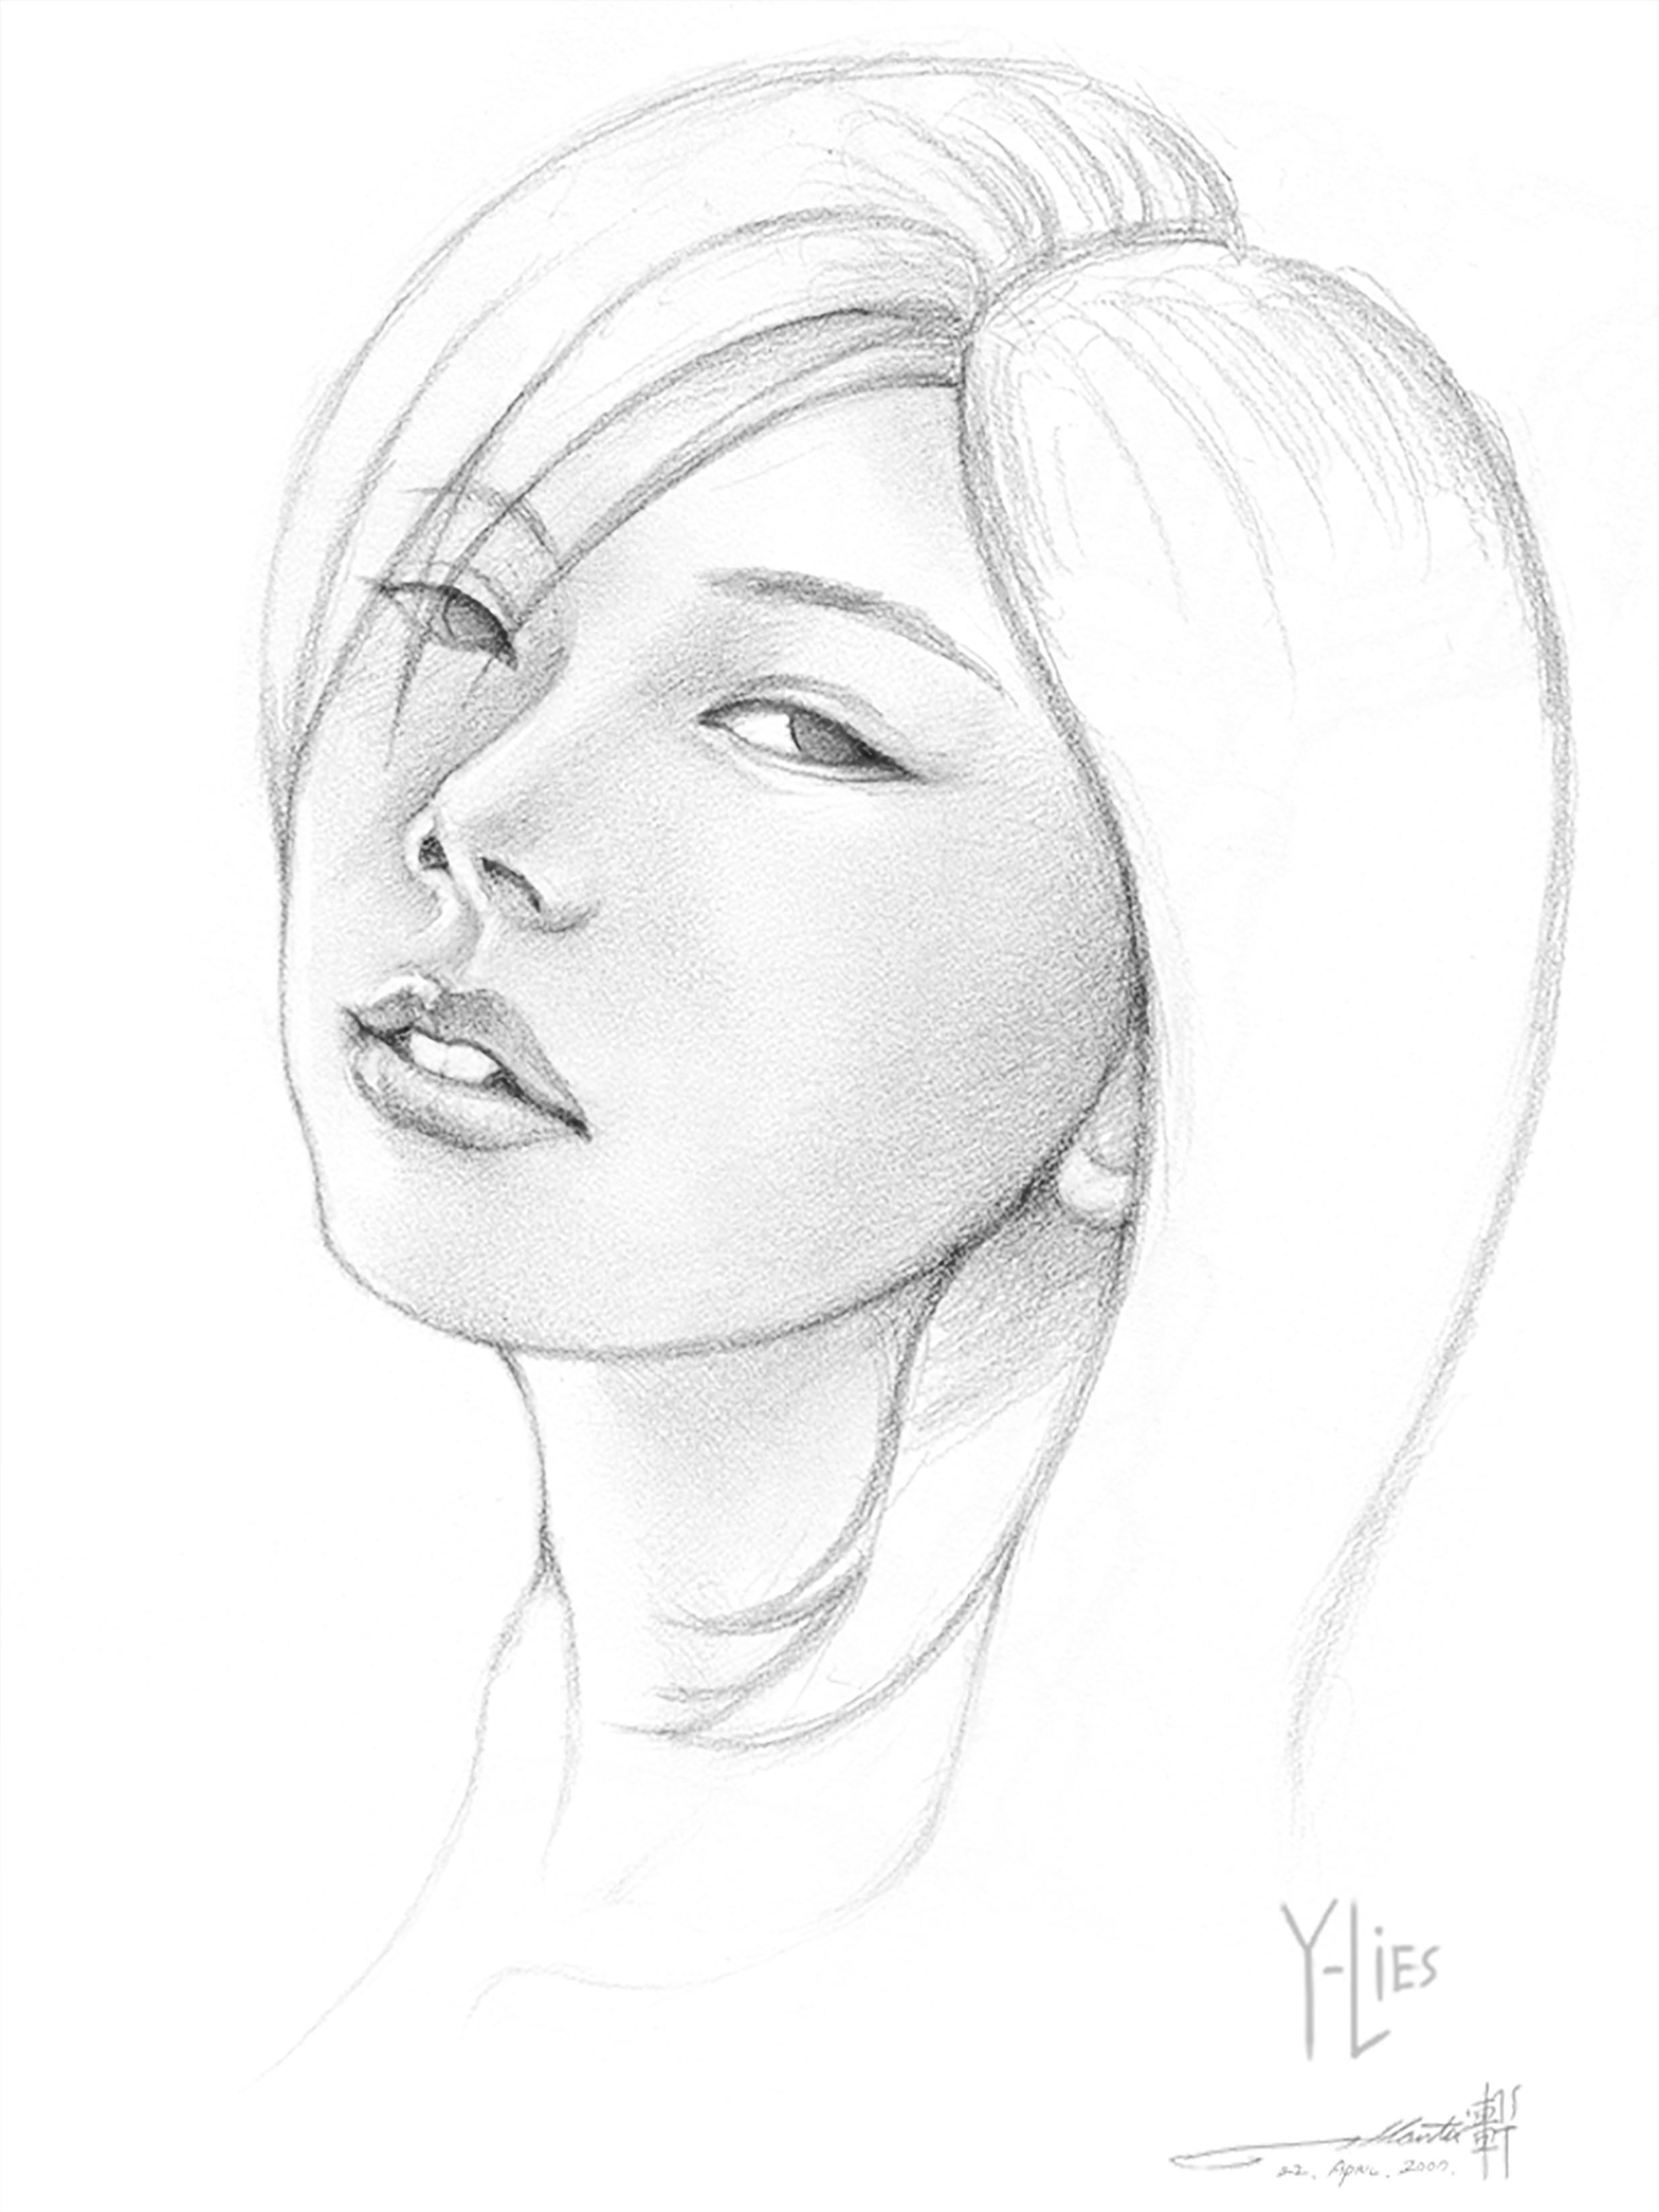 Y Lies?: Pencil Sketch